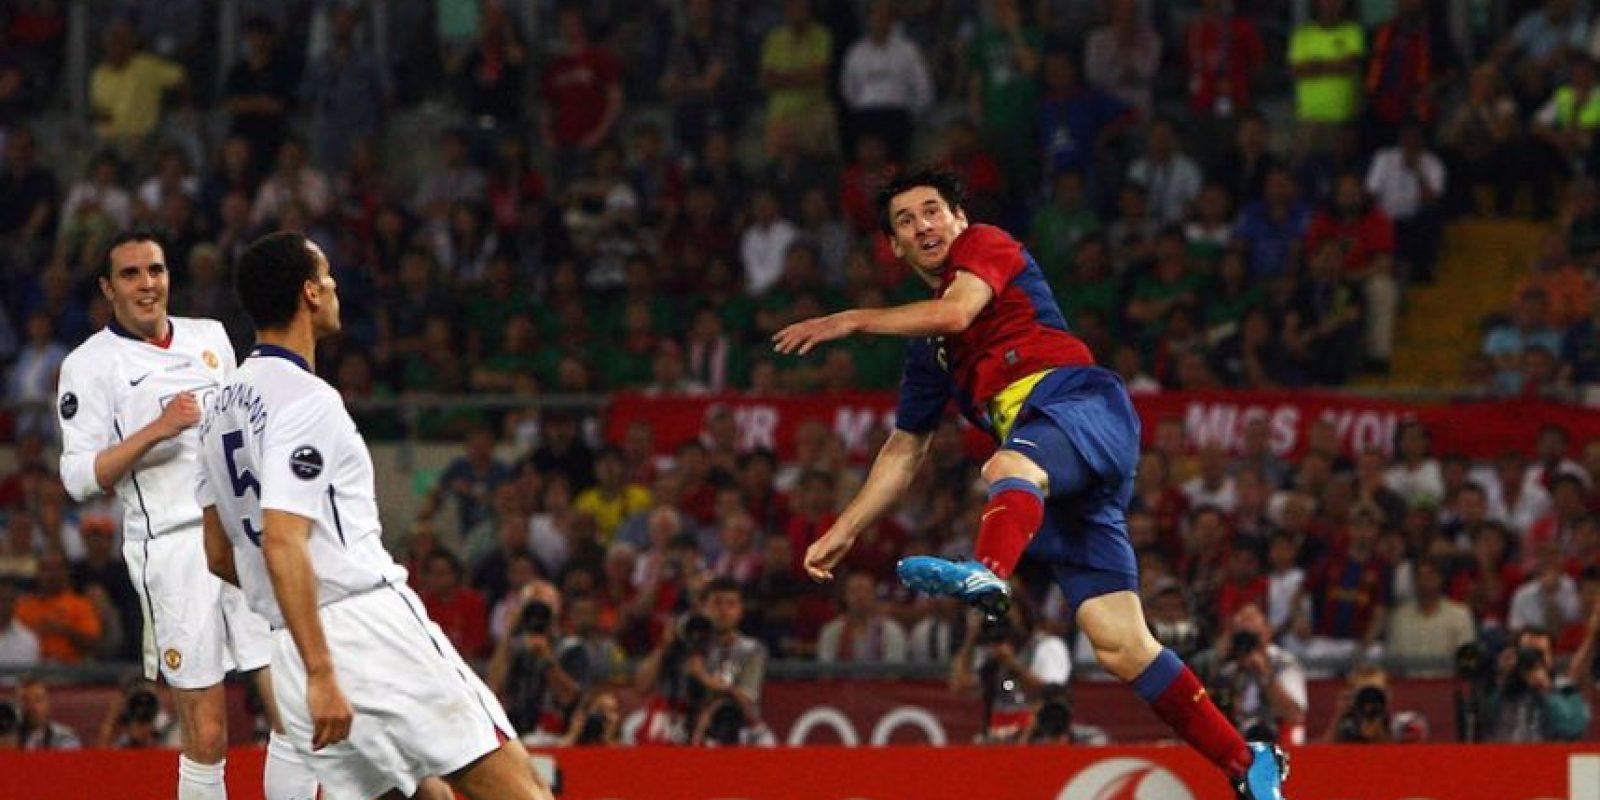 Leo sí pudo jugar la final de la Champions 2009 ante el Manchester United e hizo un gol. Foto:Getty Images